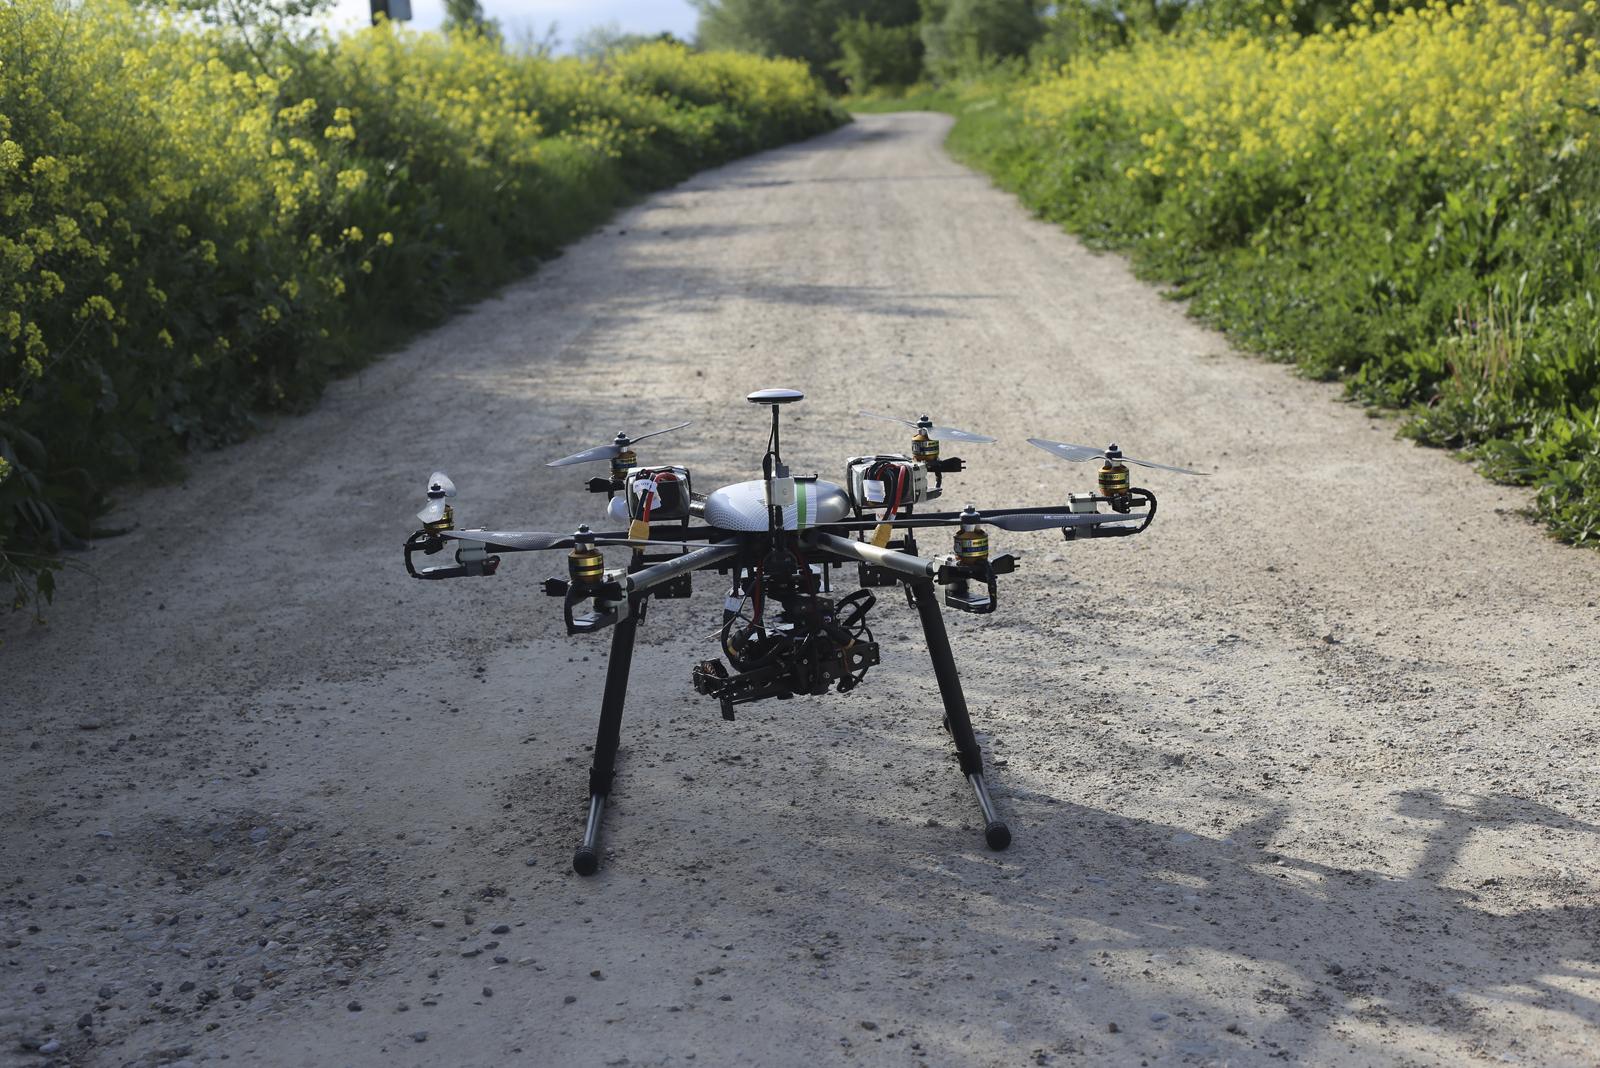 Drone, Drones, Campo, Teledetección, GIS SpectralGeo, Spectral Geo